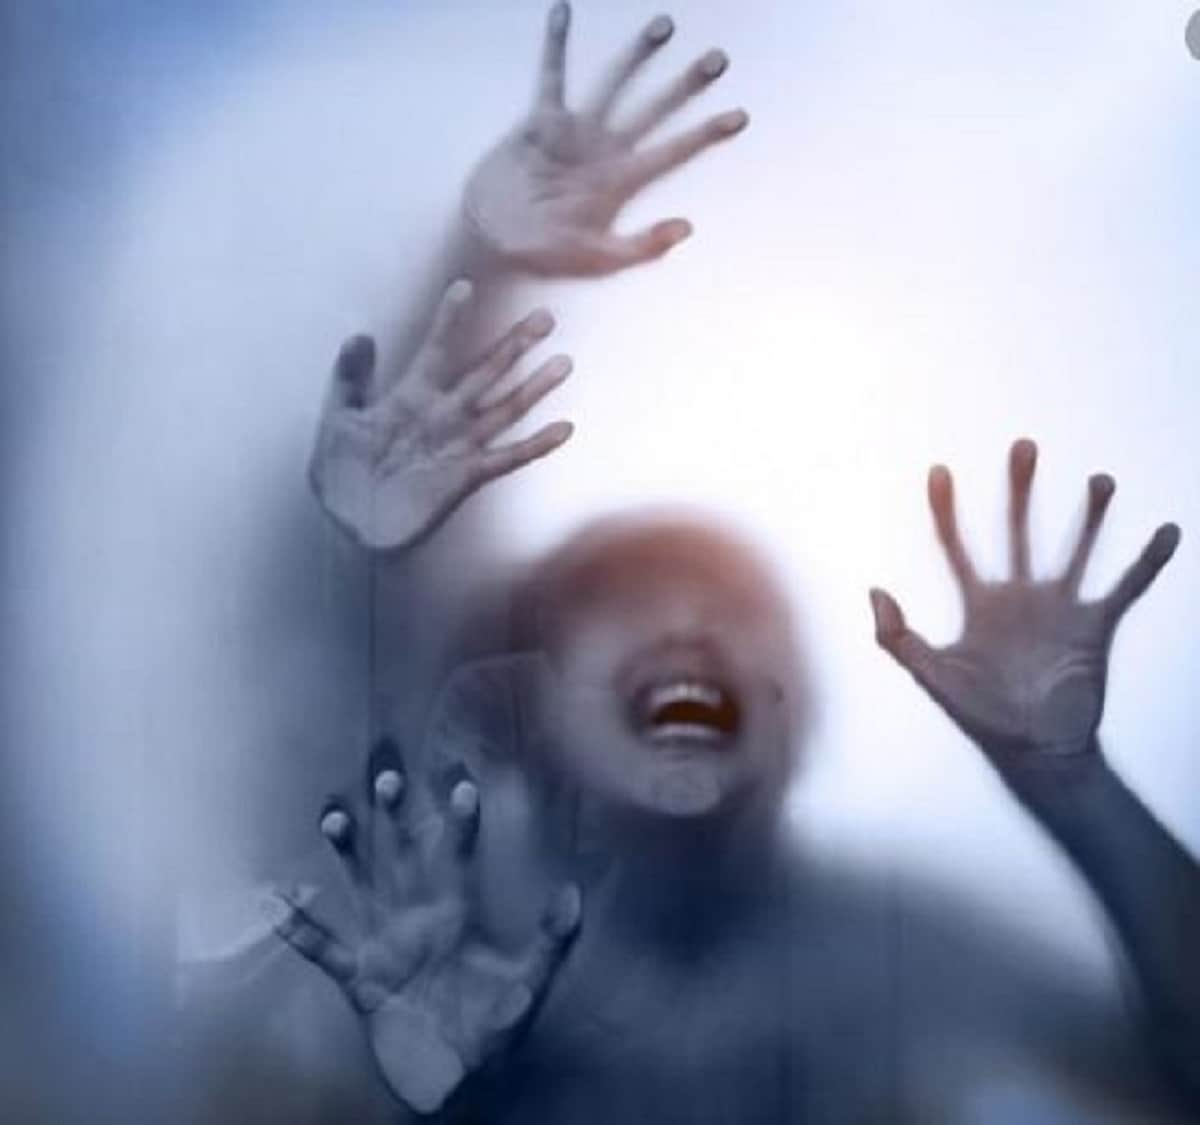 স্থানীয় লোকে জনোৱা মতে, নিশা ১২ মান বজাত এখন চলন্ত গাড়ীৰ পৰা পেলাই দিয়া হয় ৰক্তাক্ত মহিলাগৰাকীক। মাজনিশাই মৃত্যু হয় নিৰ্যাতিতা মহিলাগৰাকীৰ। জনা গৈছে যে চৰম অত্যাচাৰৰ পিছত মহিলাগৰাকীক চিকিৎসাৰ বাবে লৈ গৈছিল অভিযুক্তসকলে।